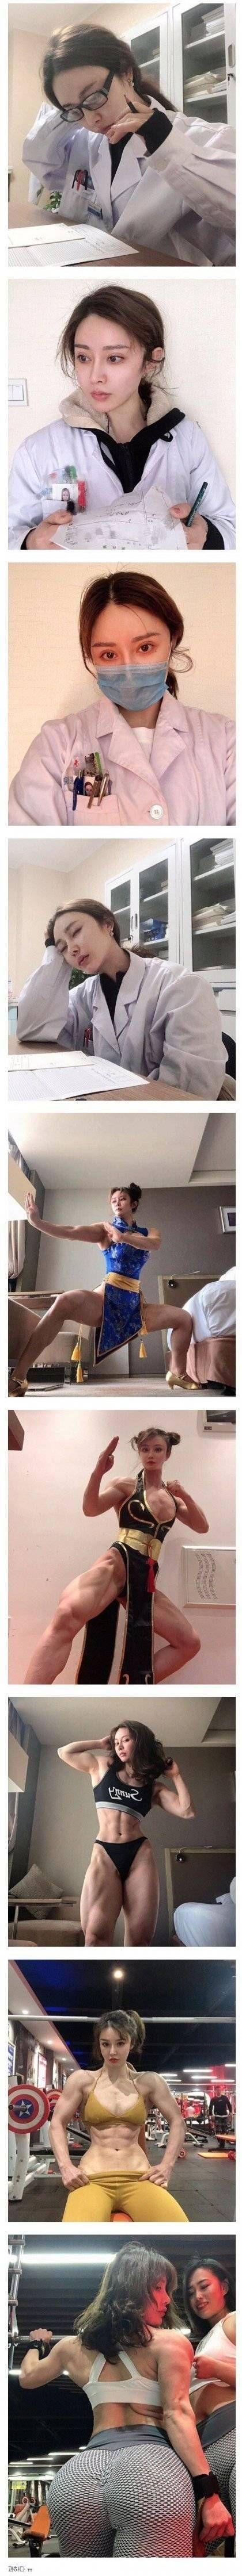 중국 여의사의 반전 몸매 ㄷㄷ